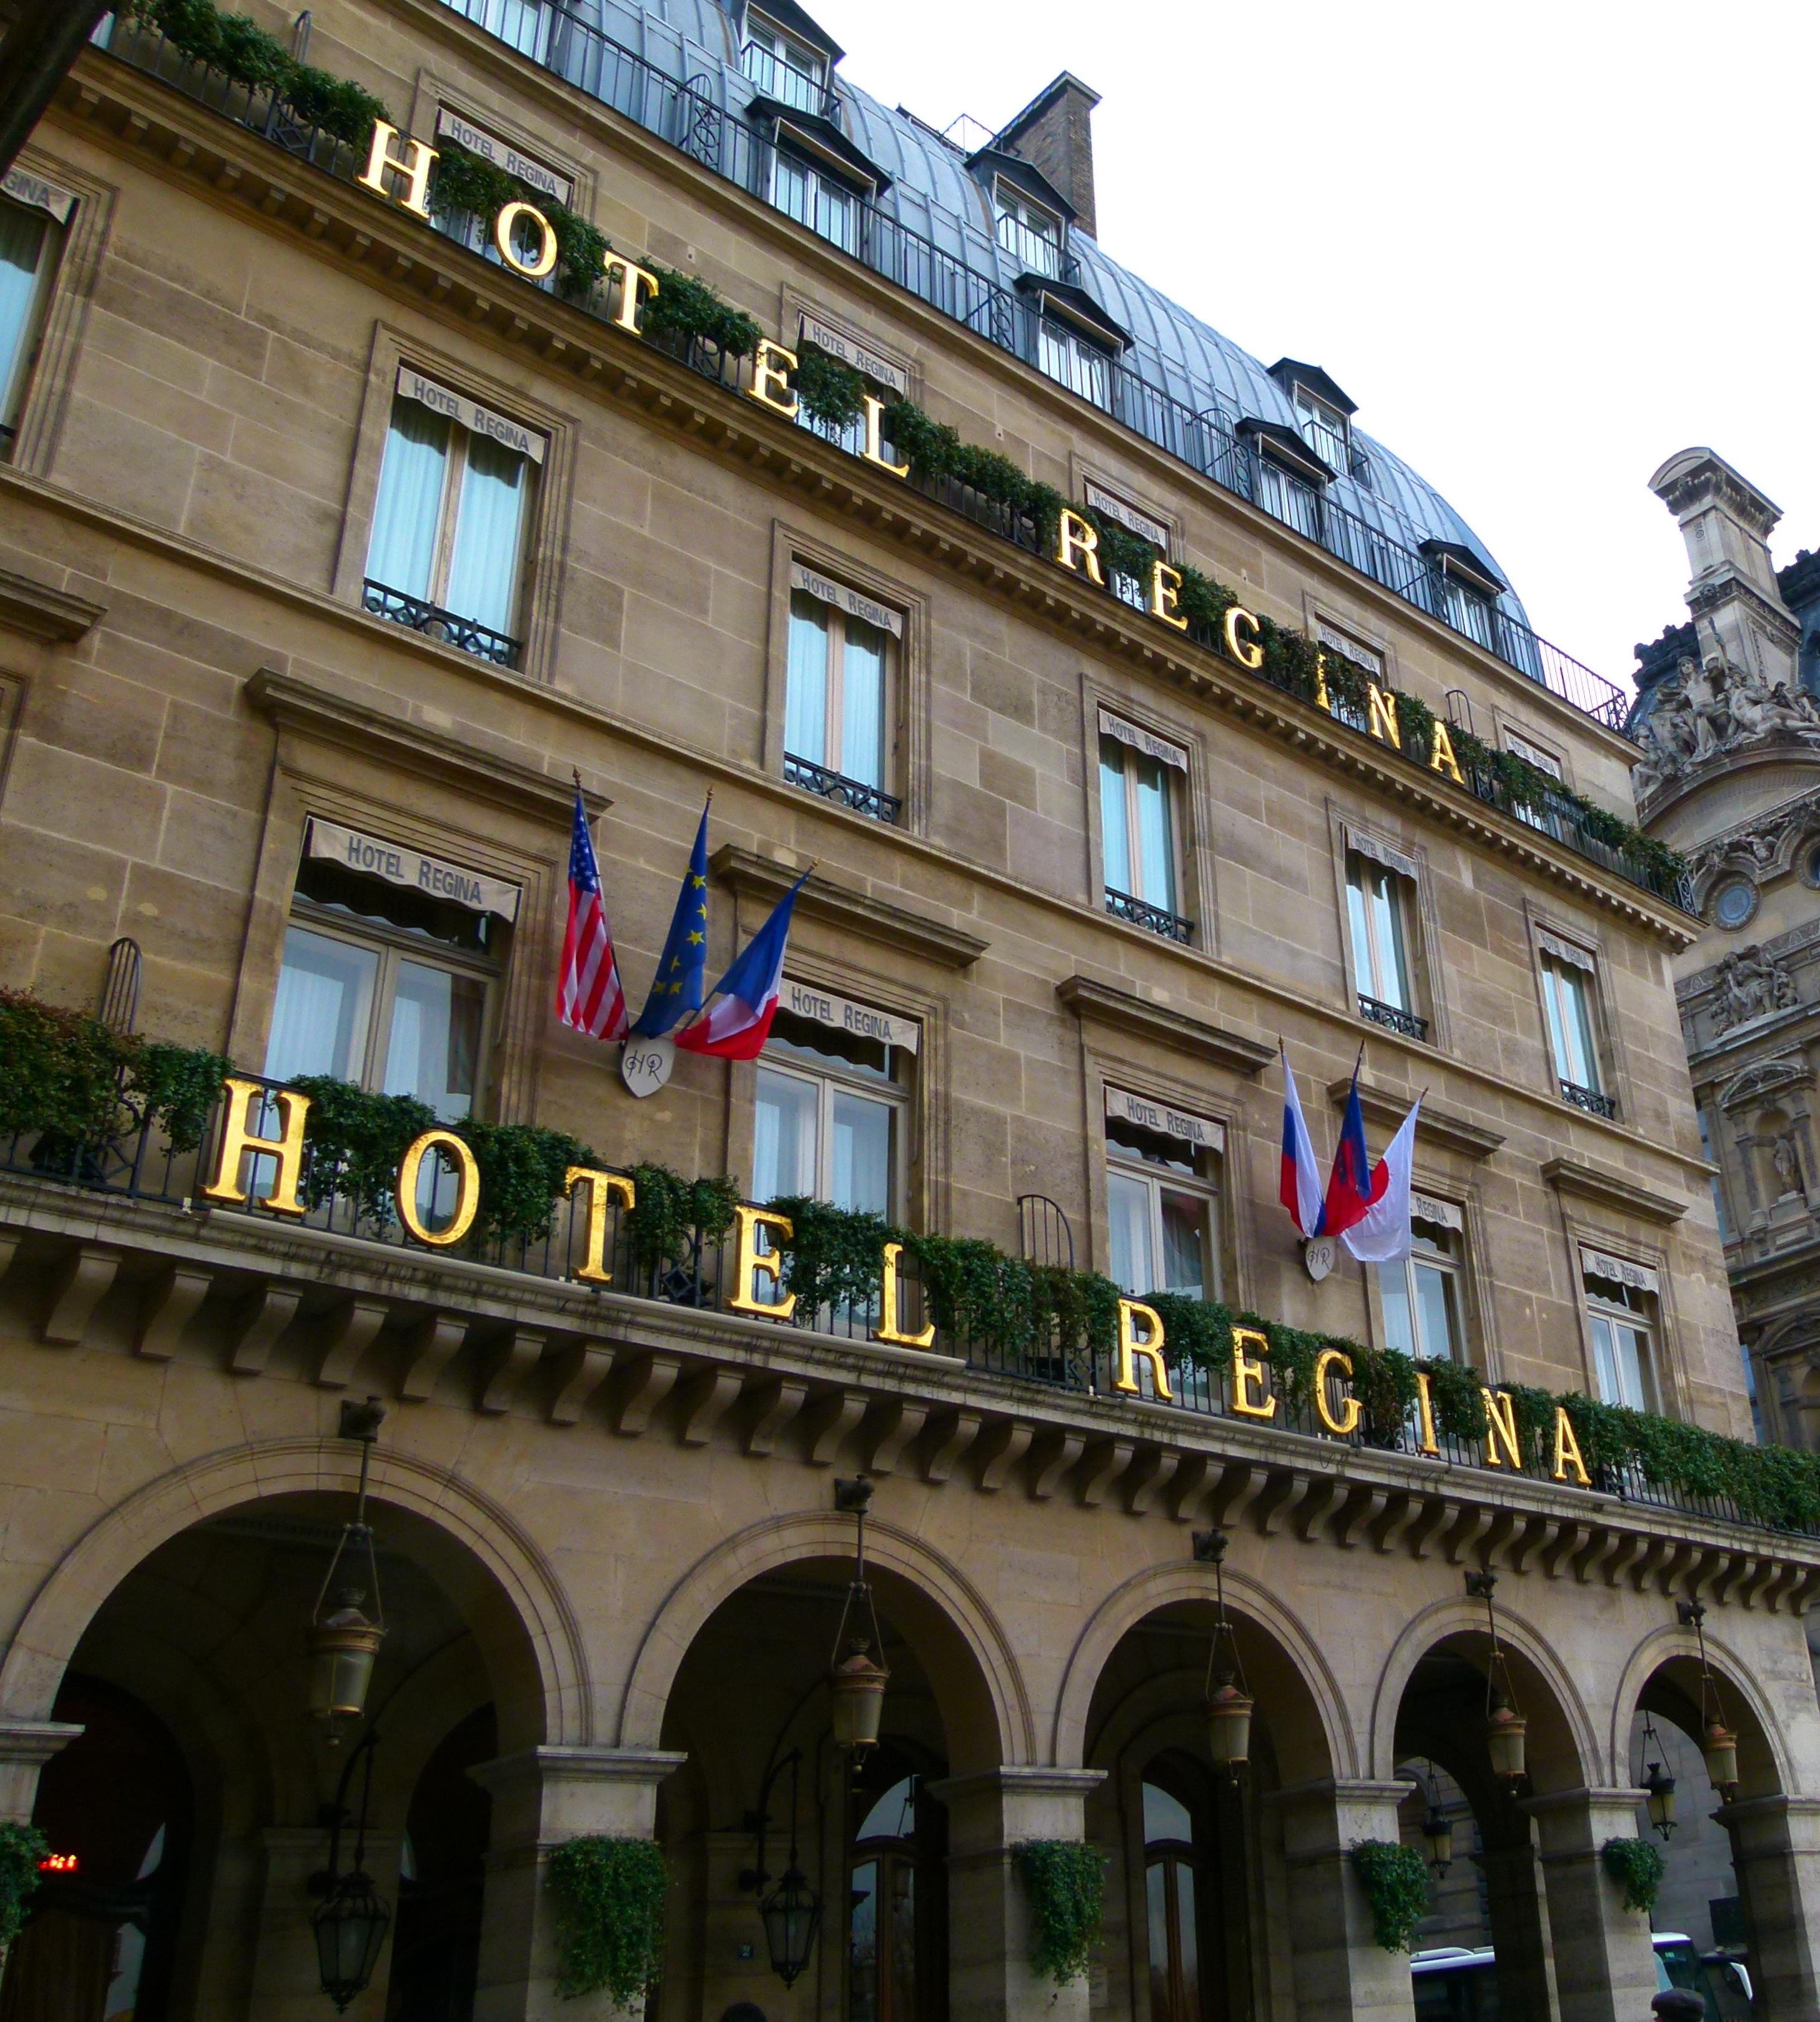 Hotel Regina Paris History